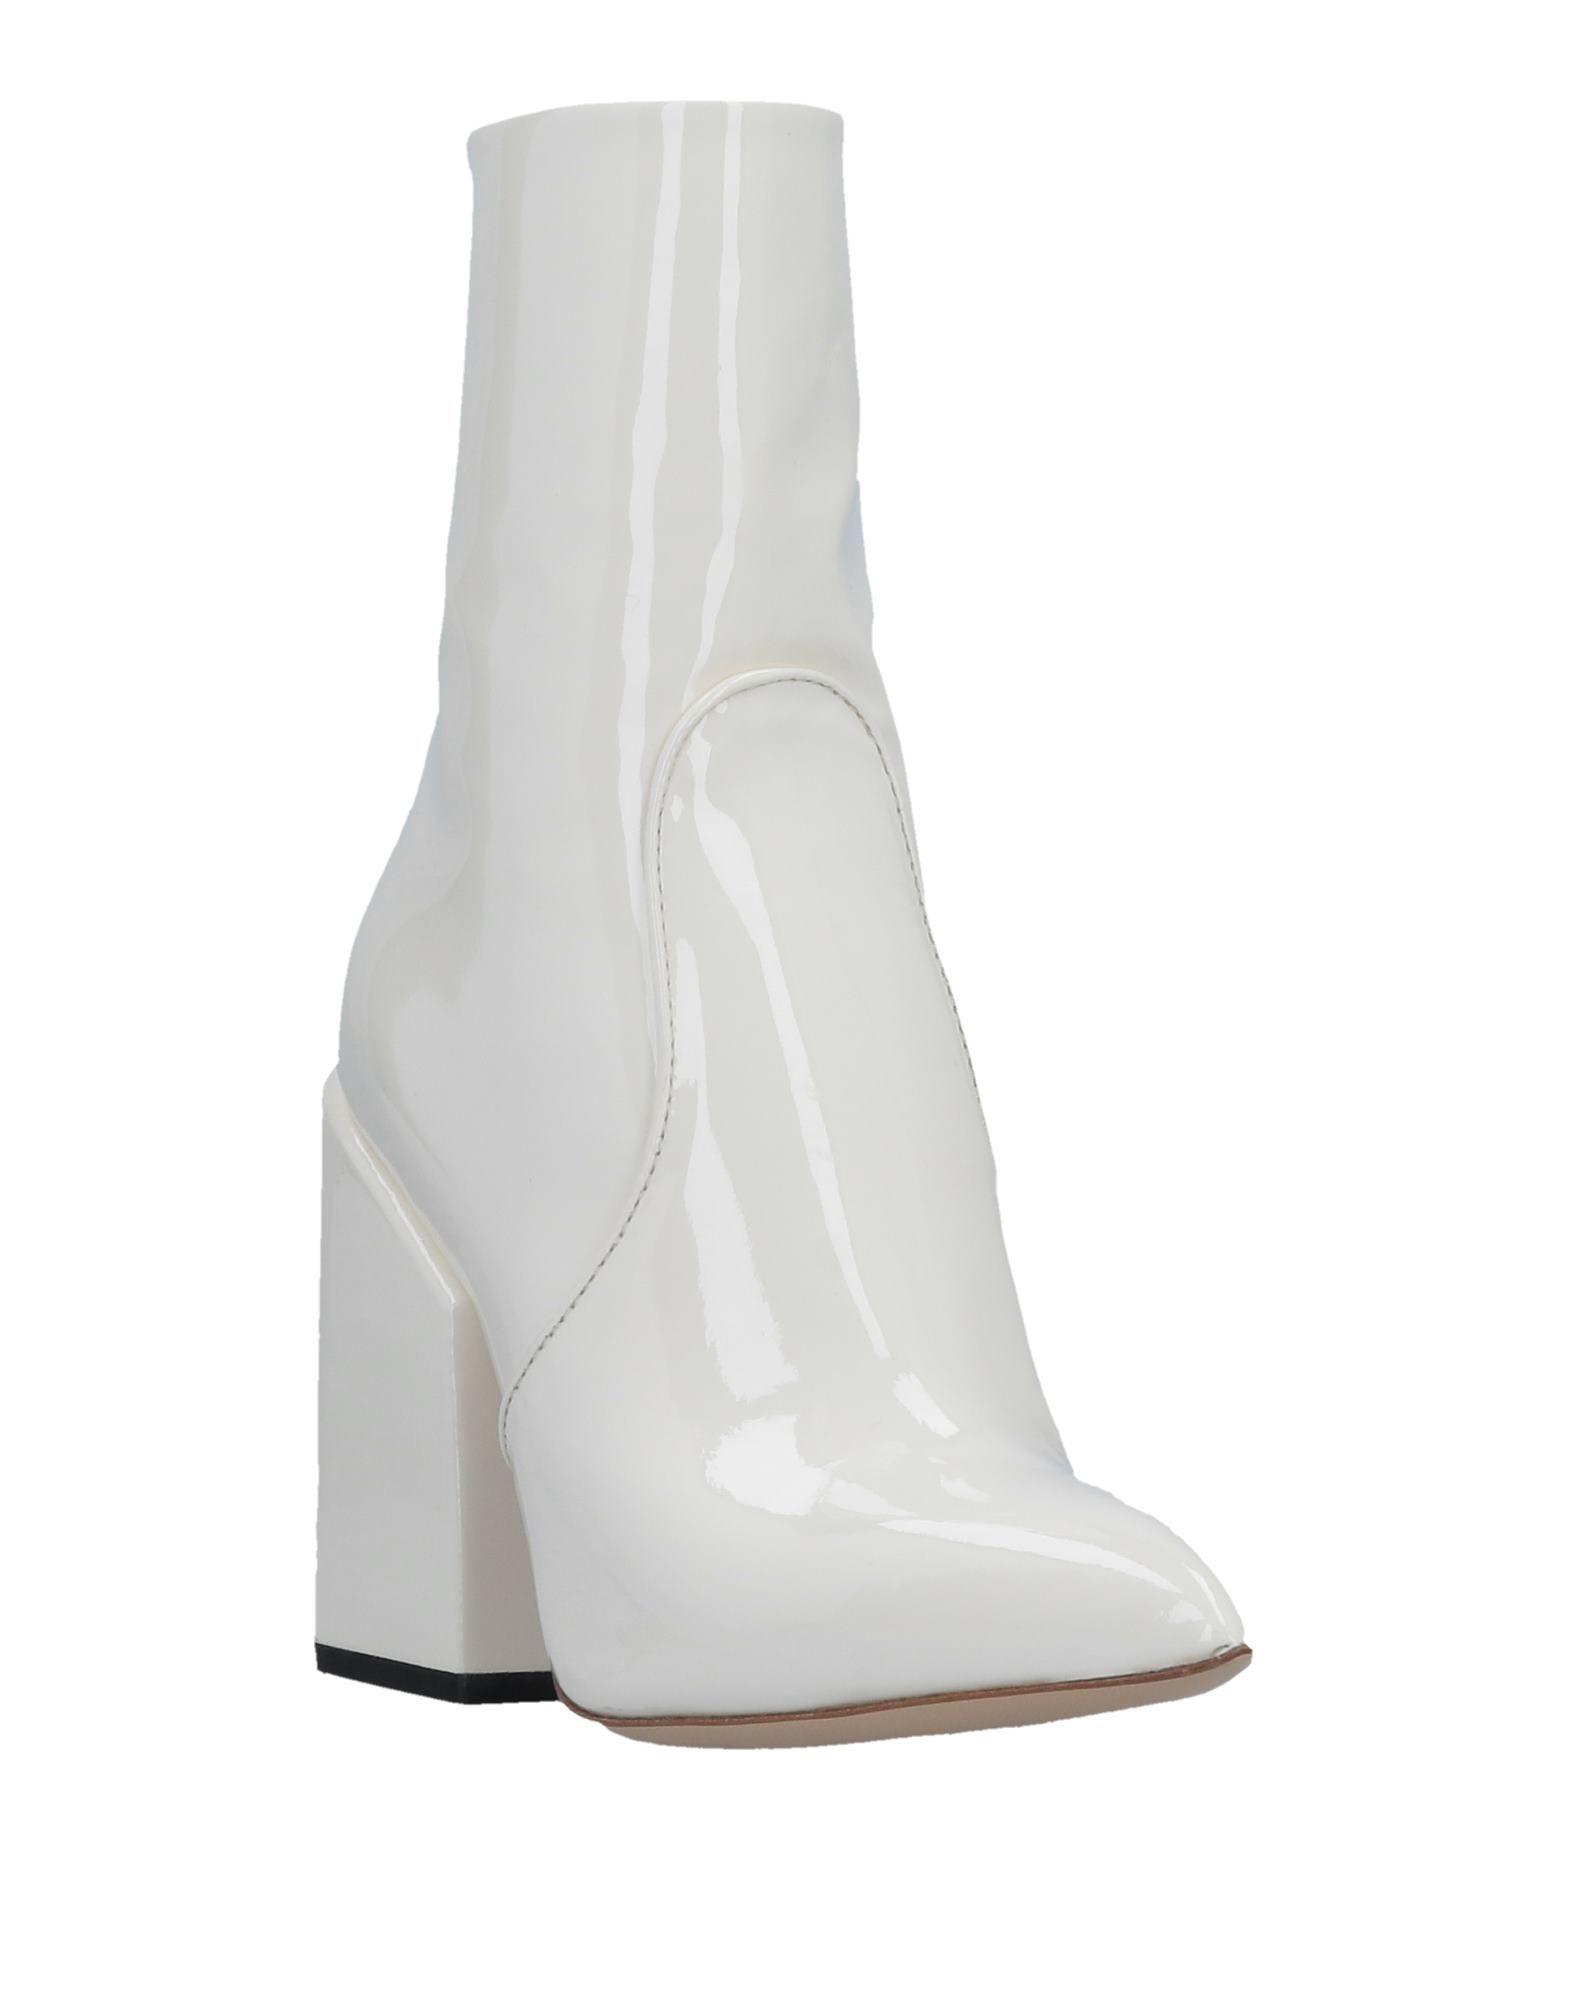 Petar Petrov Stiefelette gut Damen  11509639CIGünstige gut Stiefelette aussehende Schuhe 3057c4